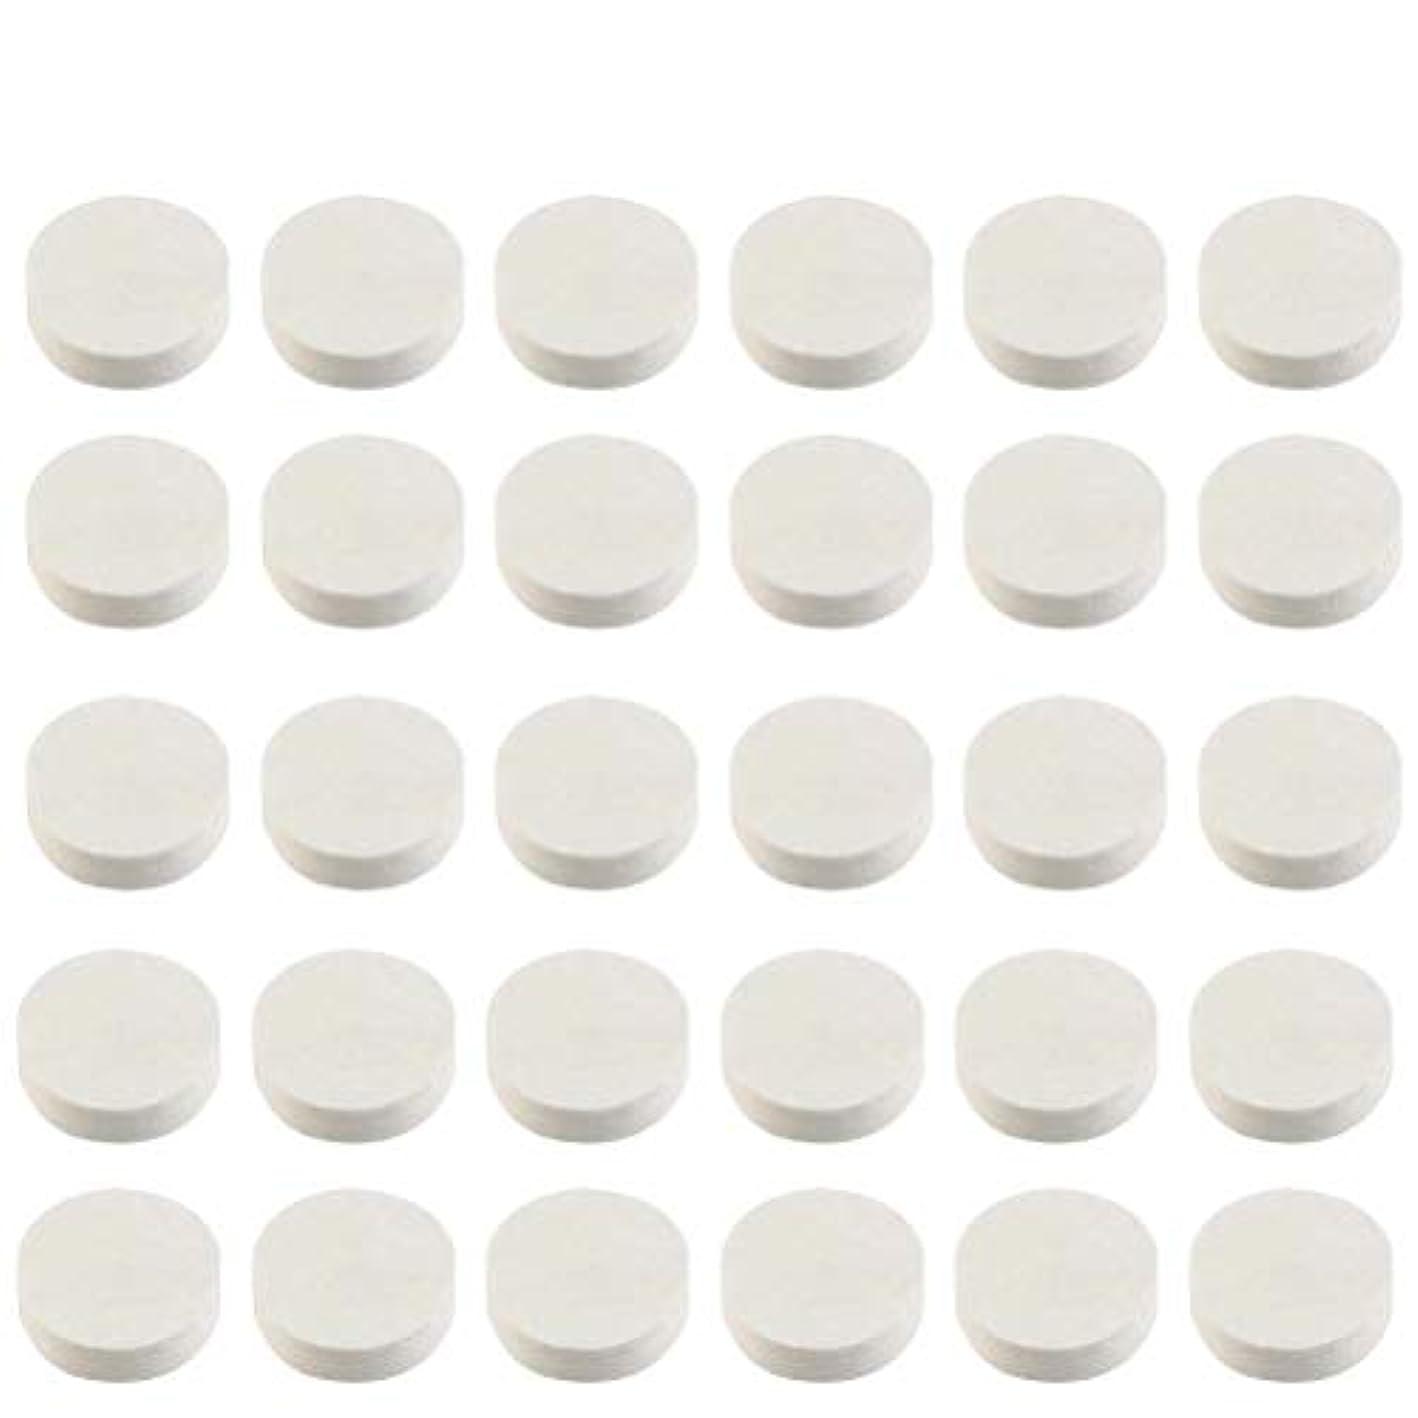 追跡十億退却WINOMO 圧縮マスク 圧縮フェイスパック 圧縮マスクシート スキンケア DIY美容マスク ランダムカラー 30枚入り 携帯便利 使い捨て